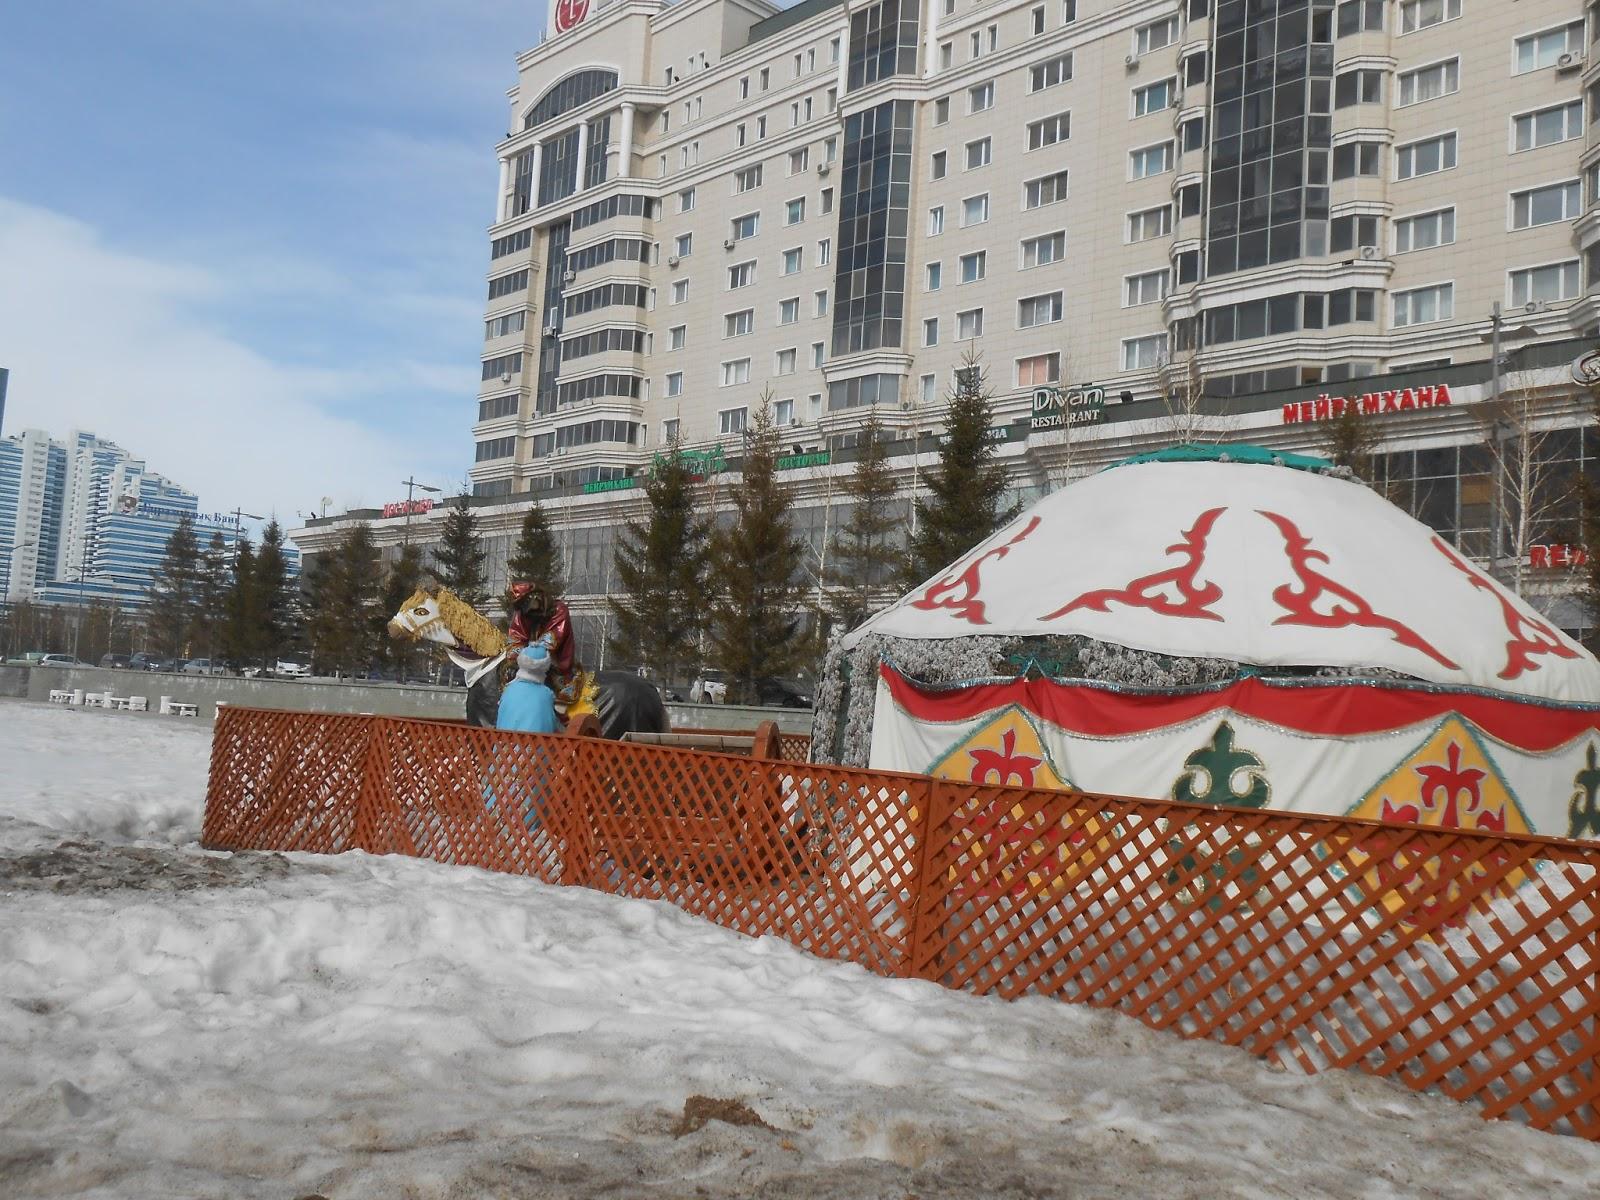 Yurt Astana